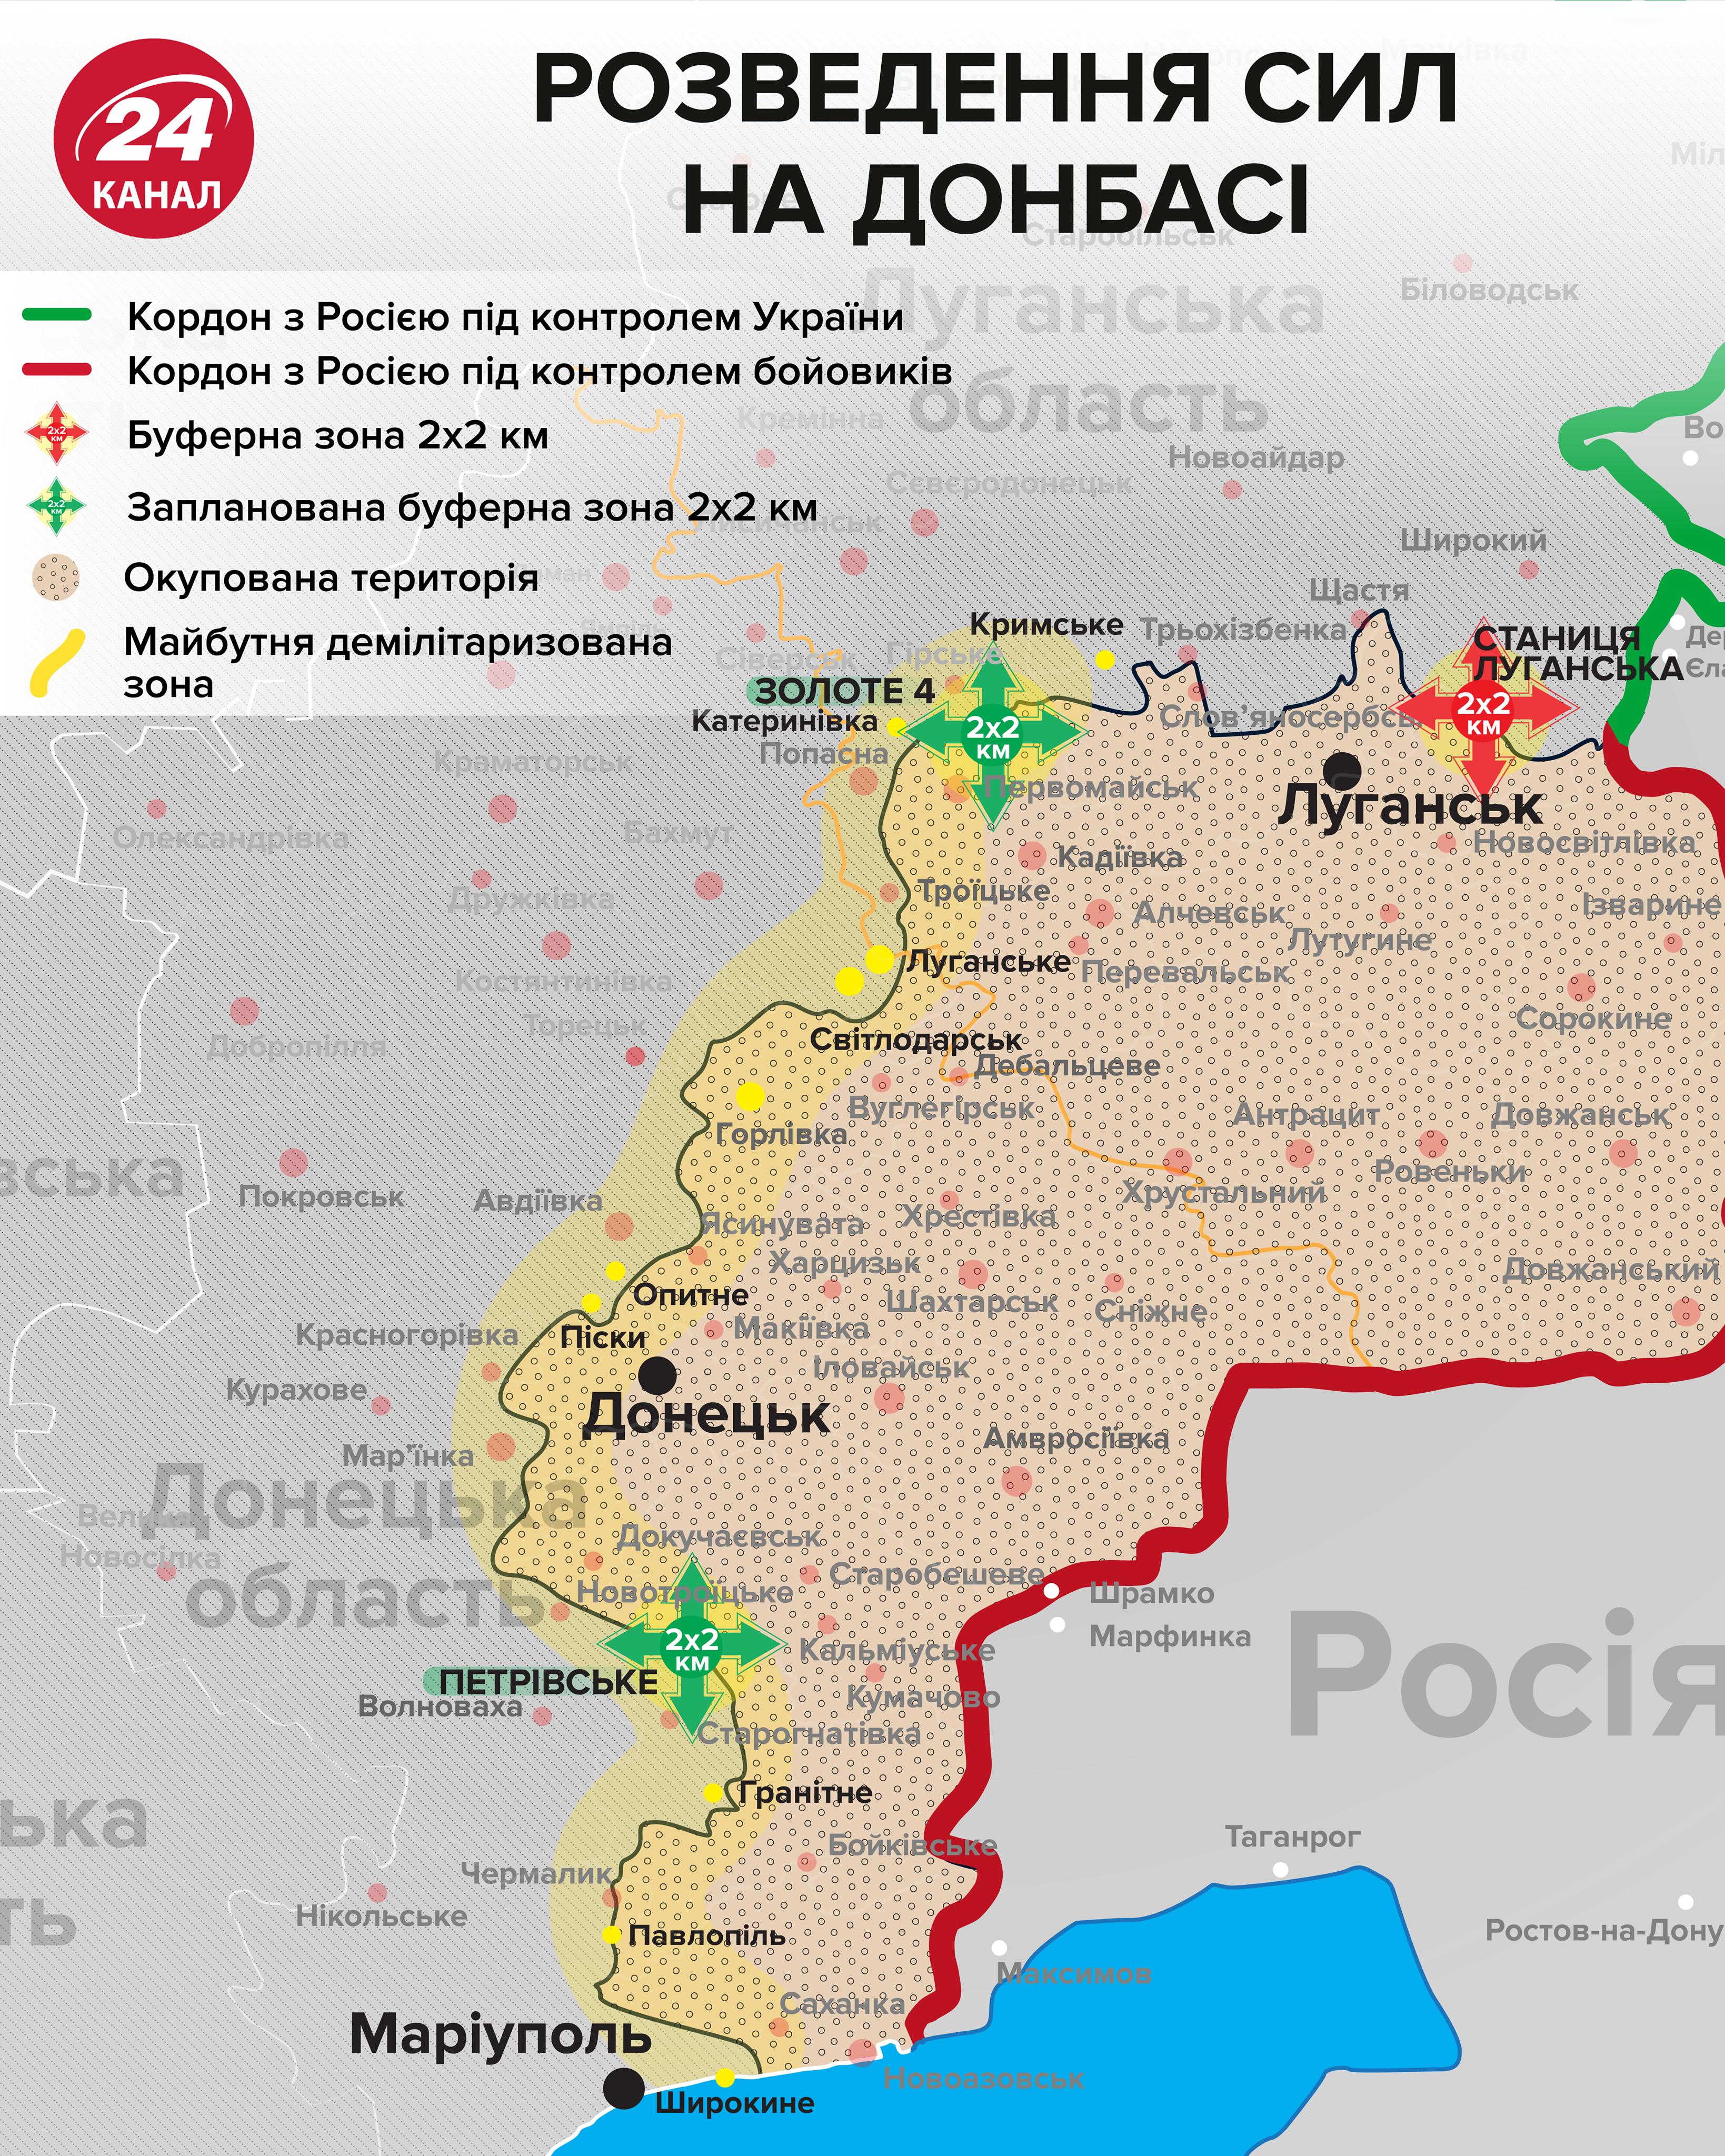 карта розведення військ Донбас Золоте Петрівське